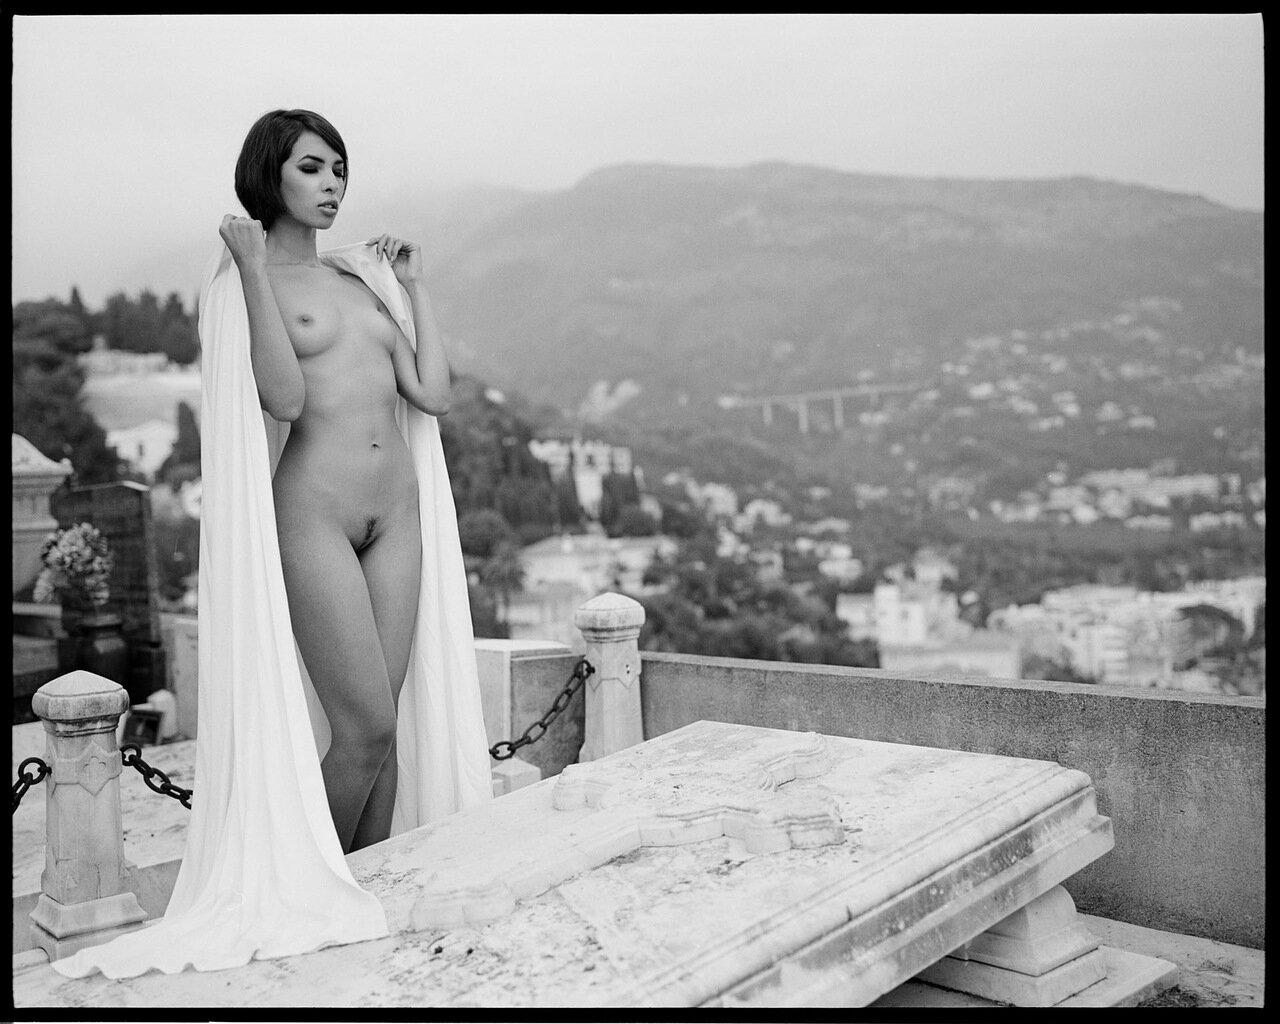 polskie-modeli-eroticheskie-foto